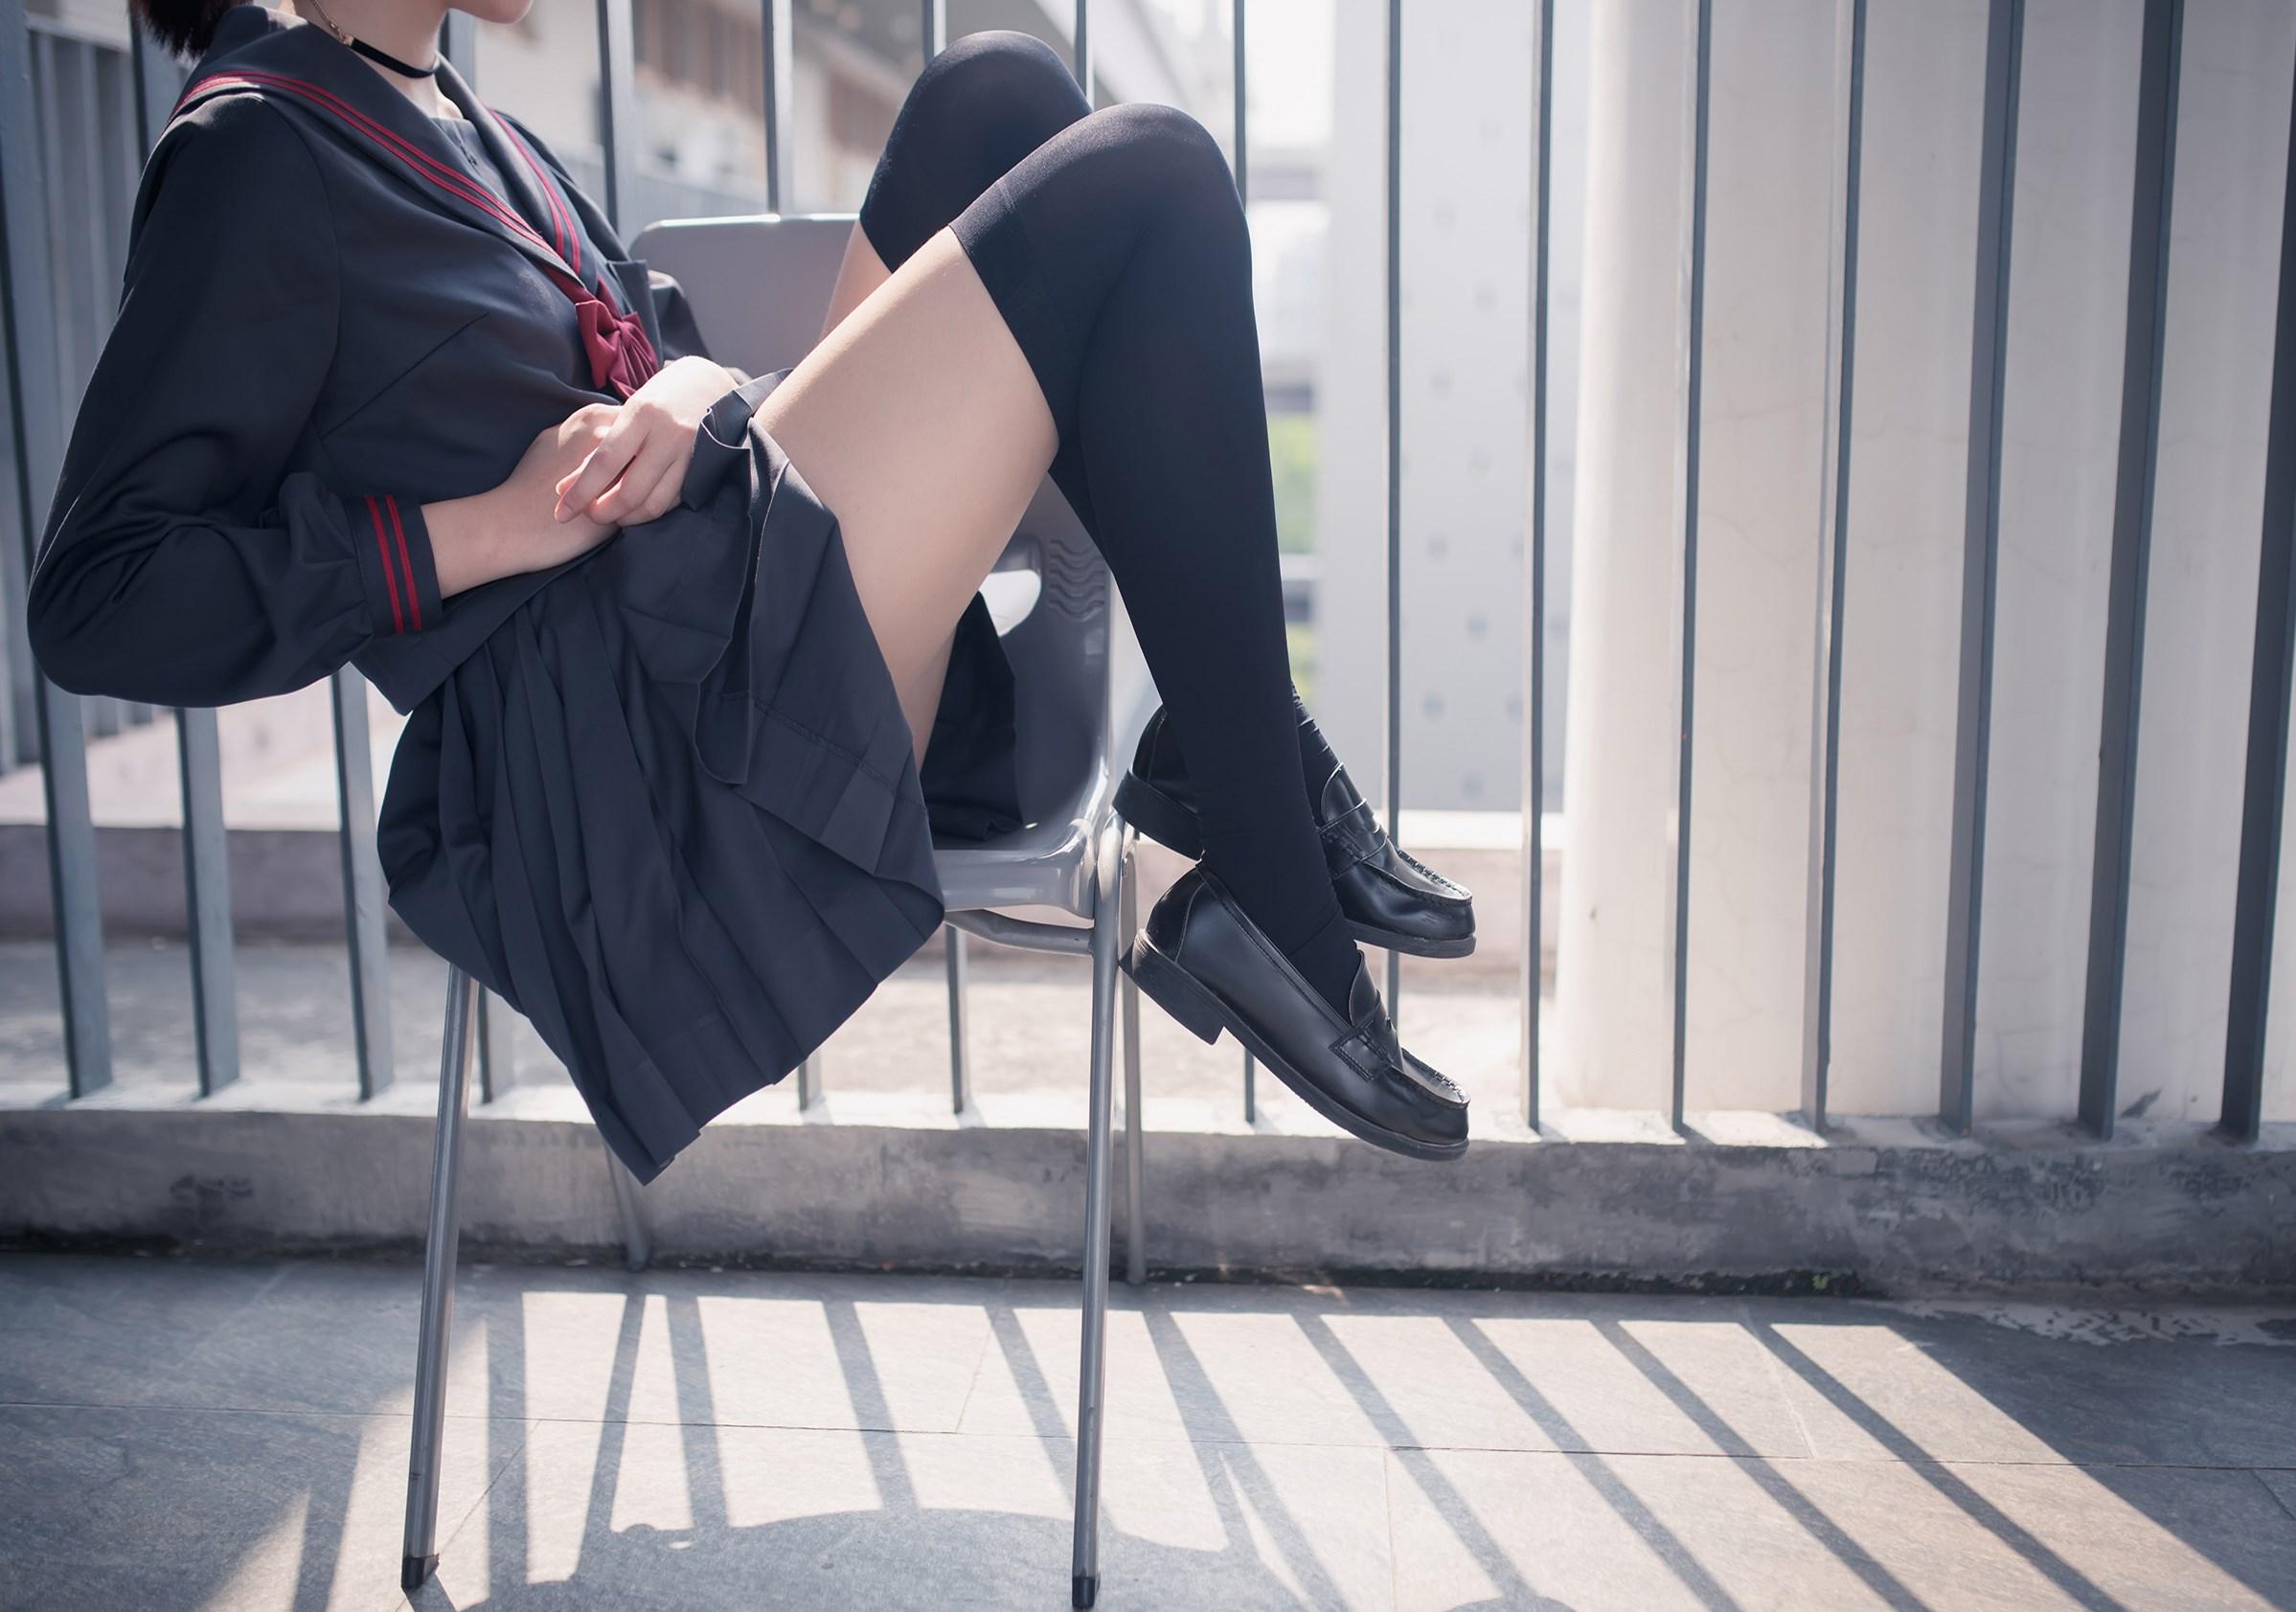 【兔玩映画】黑丝过膝袜 兔玩映画 第6张